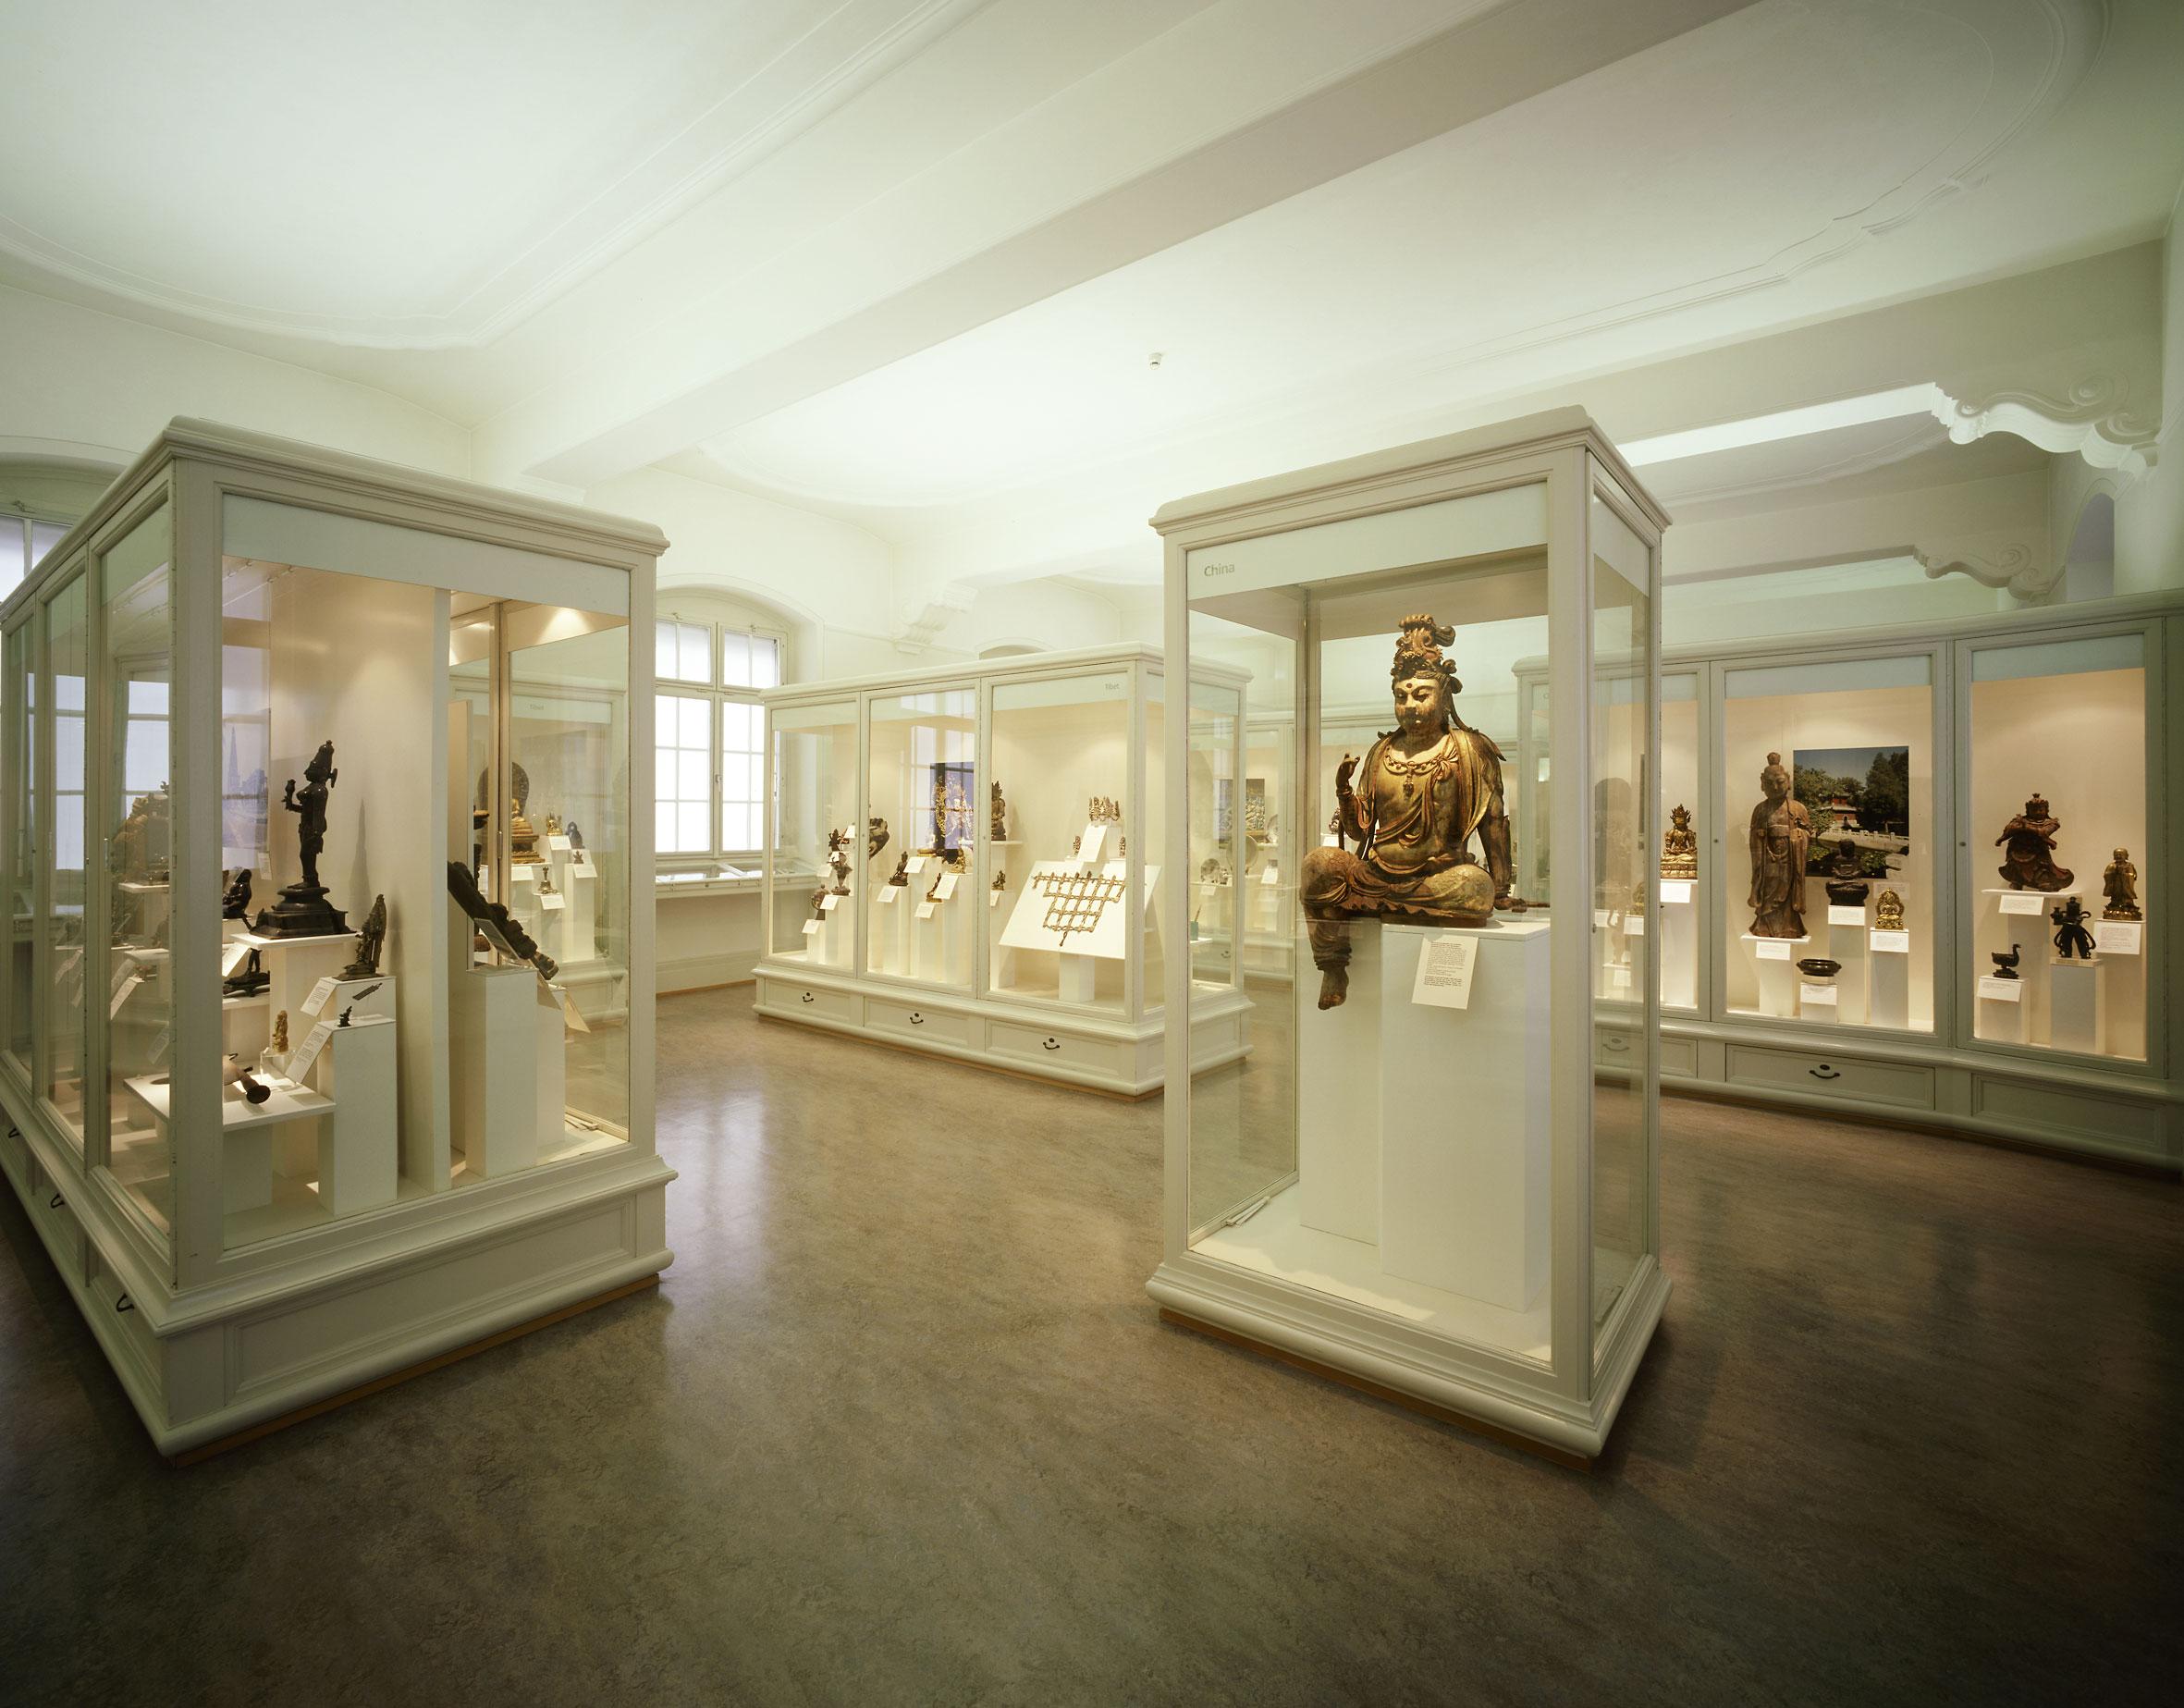 historisches und v lkerkundemuseum st gallen mamilade ausflugsziele. Black Bedroom Furniture Sets. Home Design Ideas